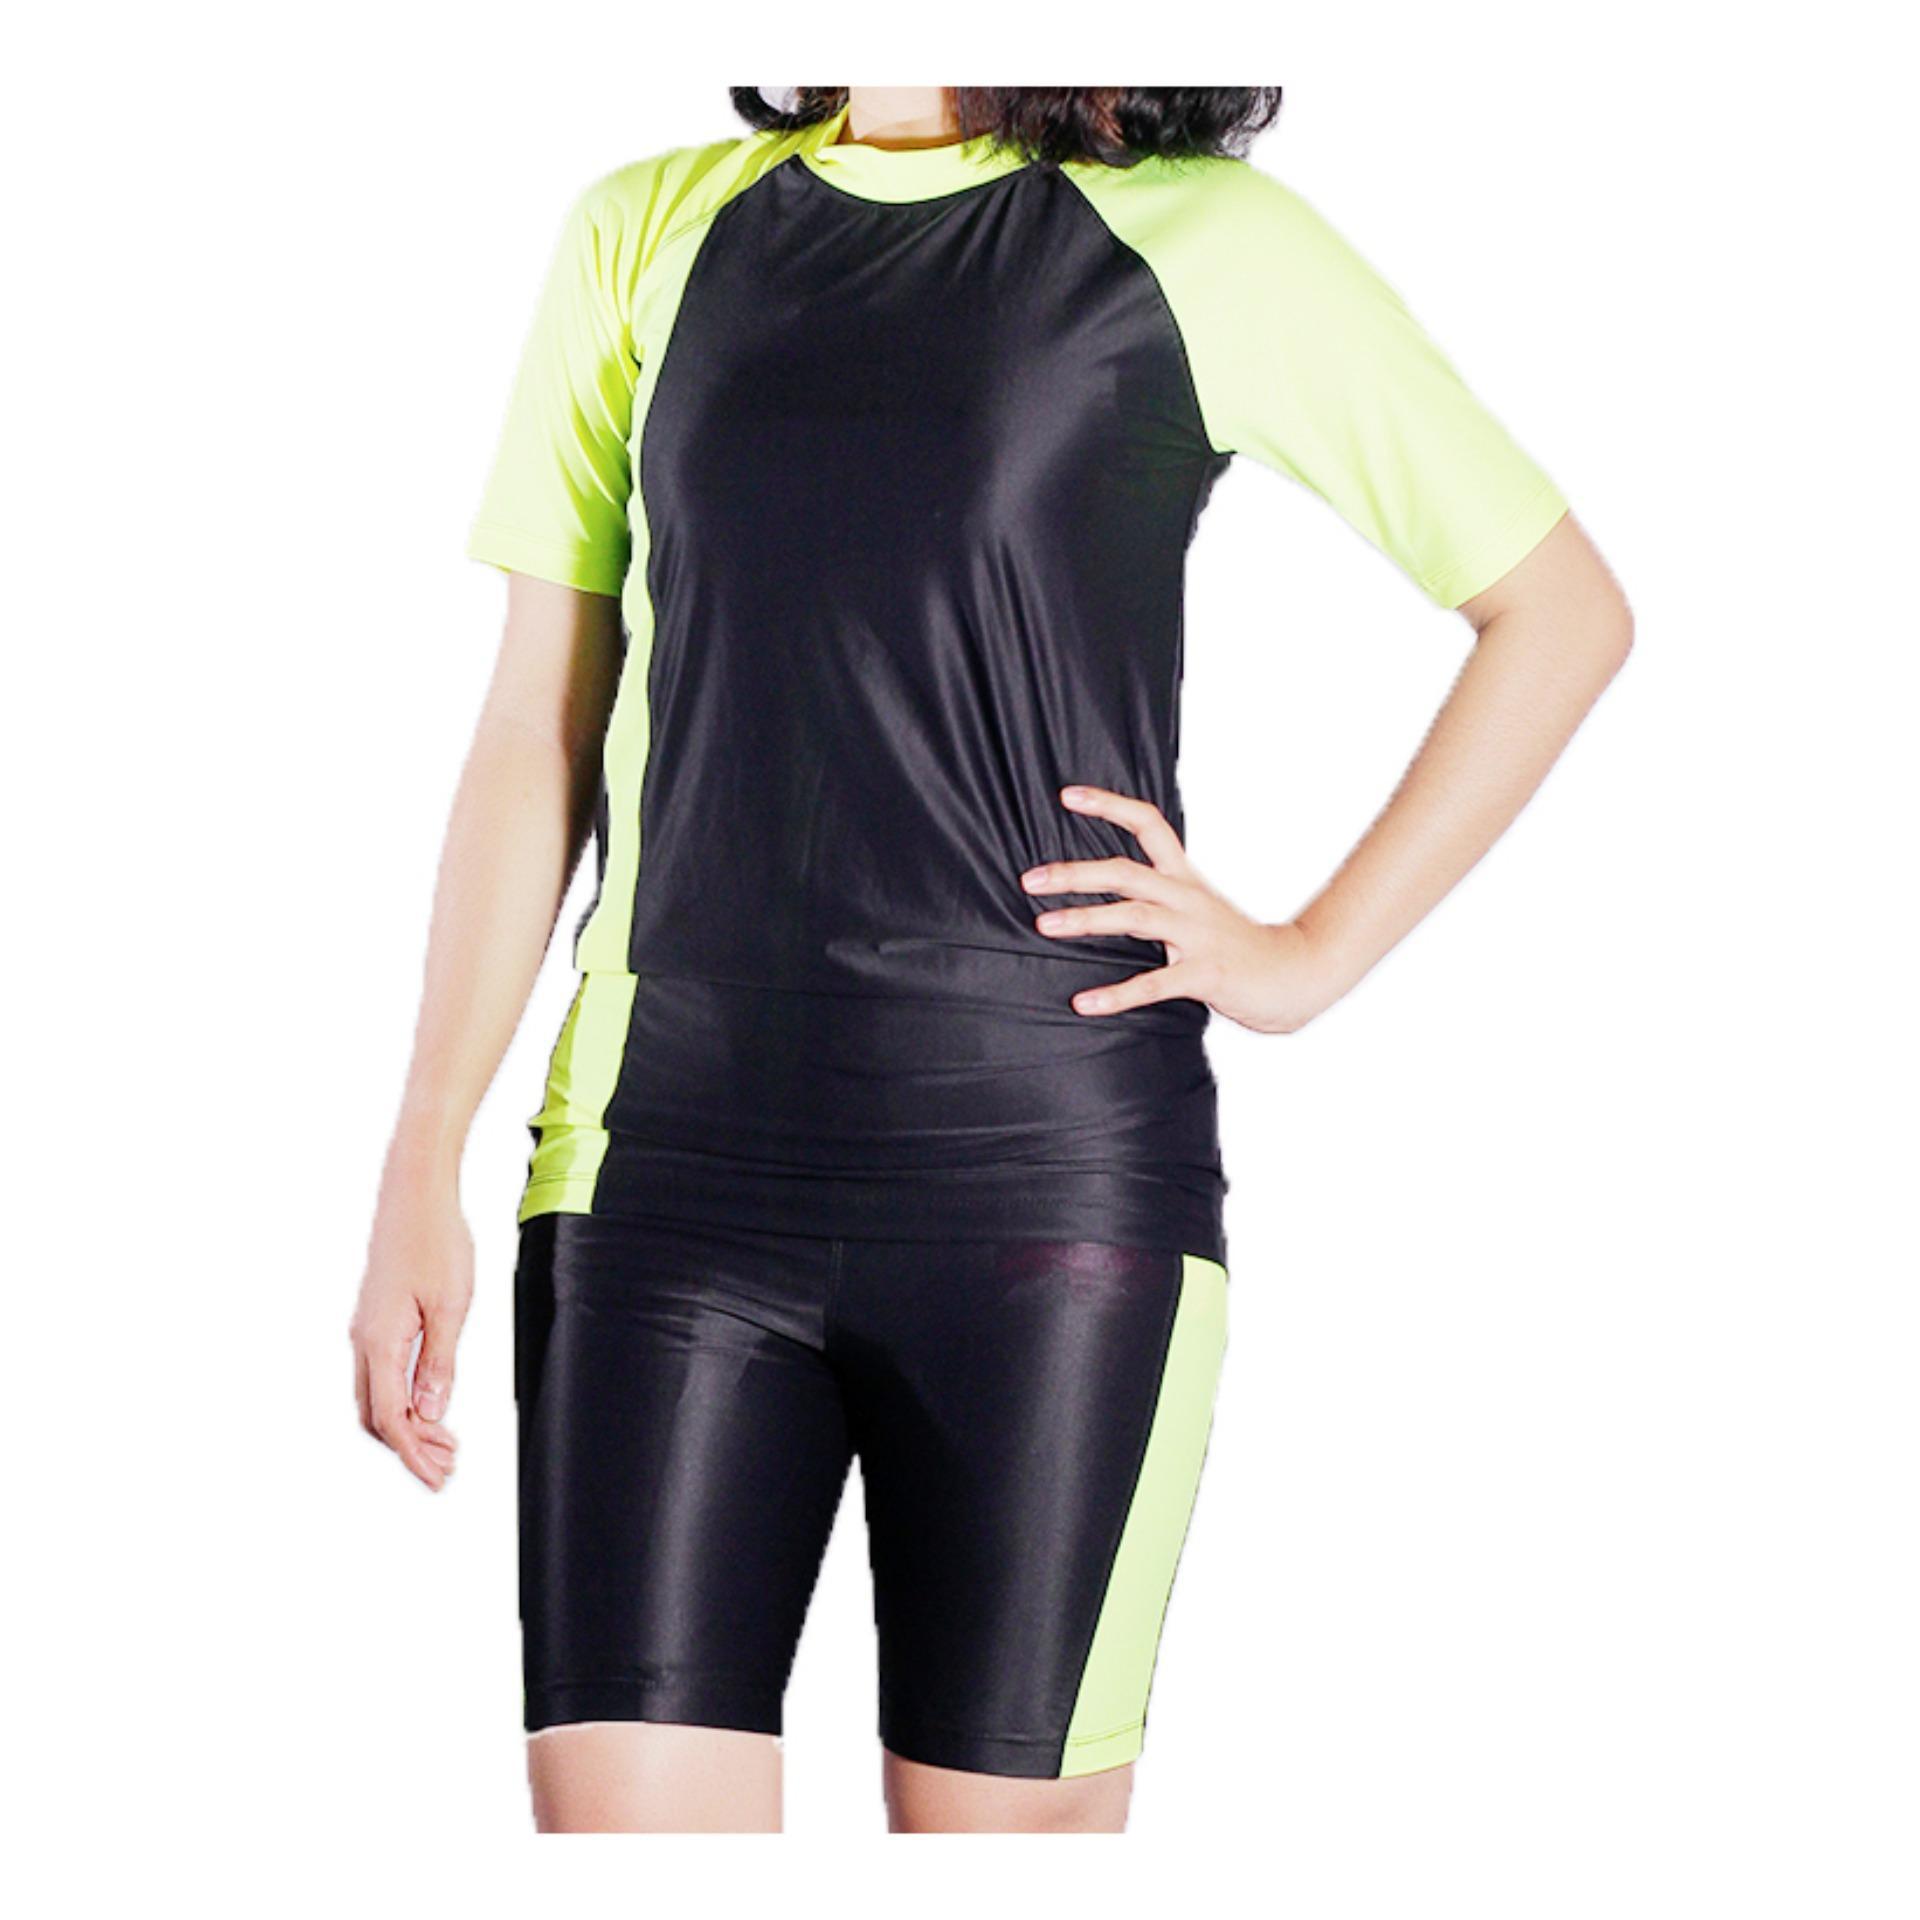 Mall BTM Fashion - Diana Baju Renang Atasan Dan Bawahan Pendek Kombinasi Warna Harga Murah - Hitam